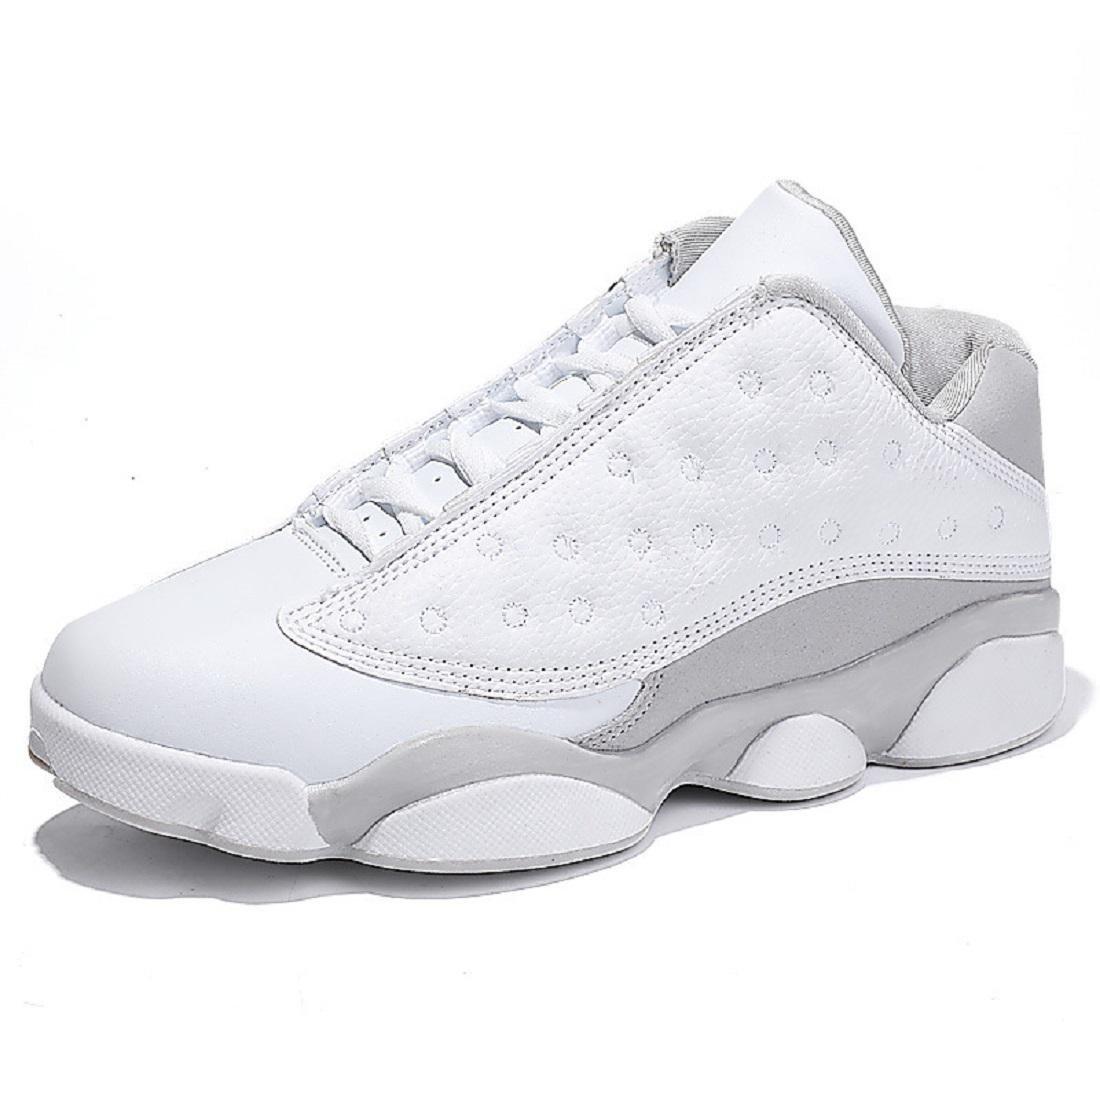 Herren Mode Sportschuhe Rutschfest Schuhe erhöhen Laufschuhe Trainer Flache Schuhe Basketball Schuhe Schutzfuß Draussen EUR GRÖSSE 39-44